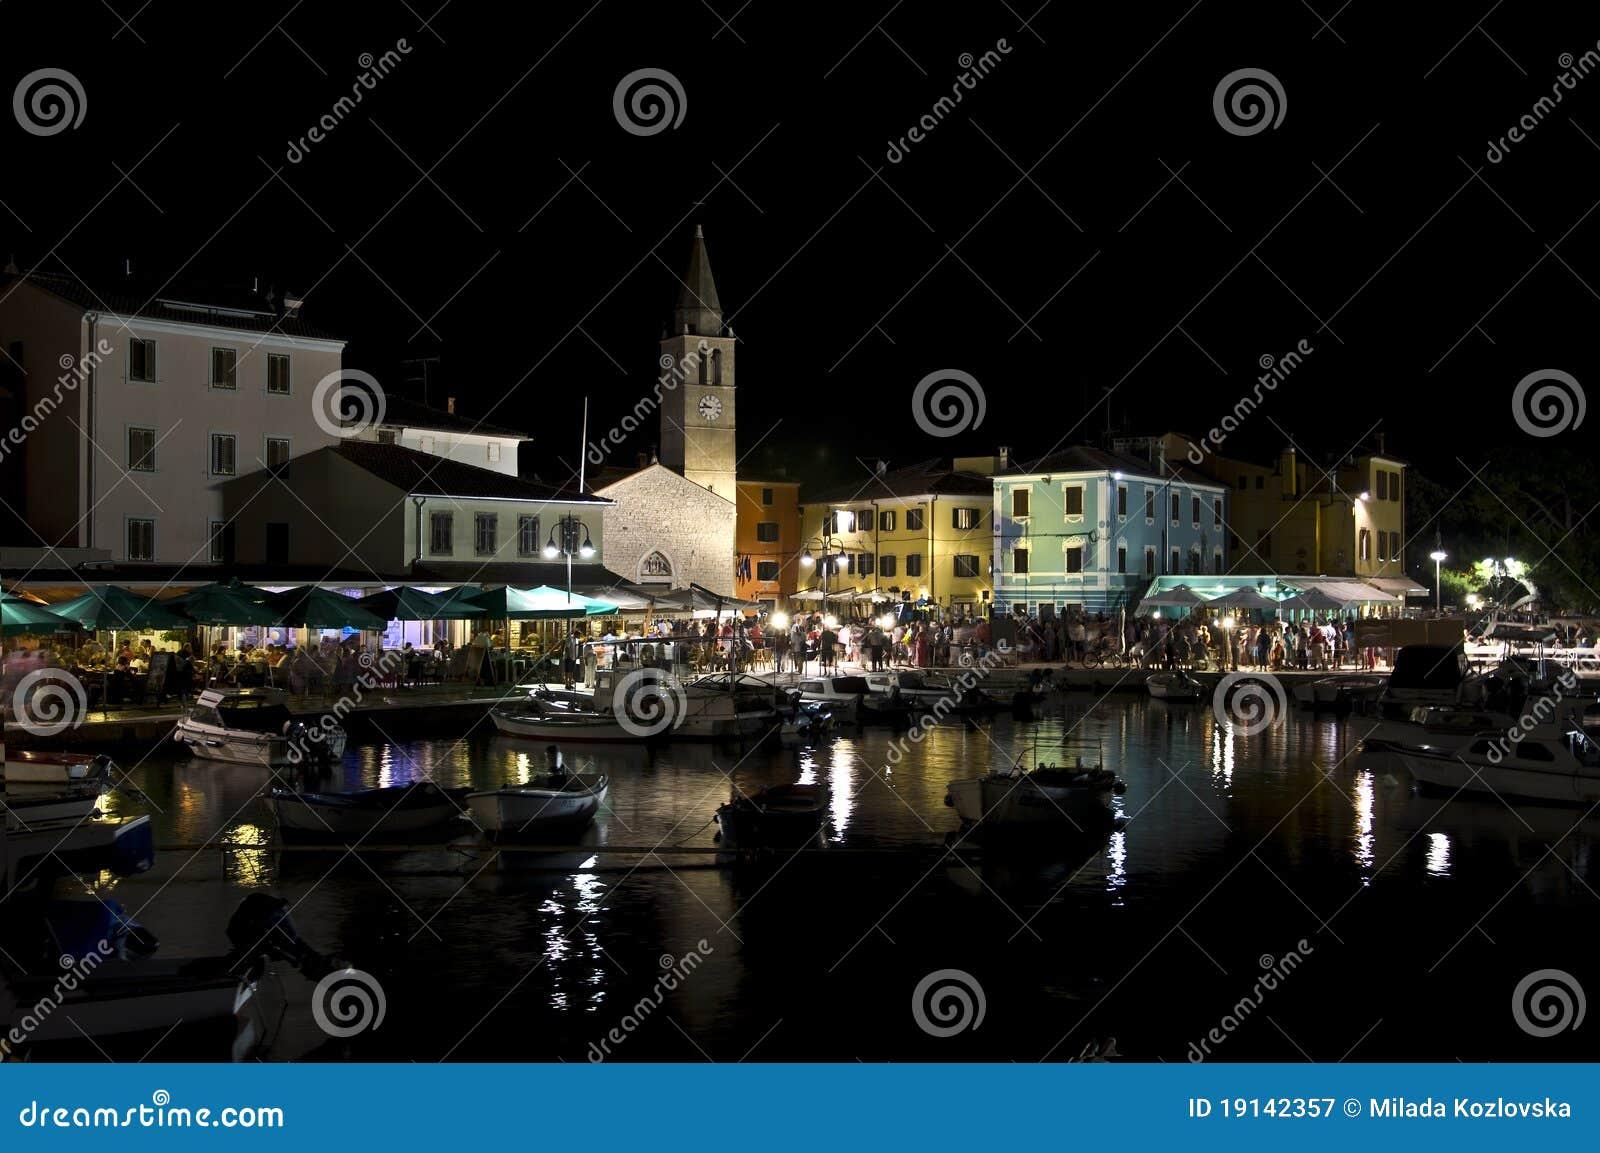 Fazana, Croatia